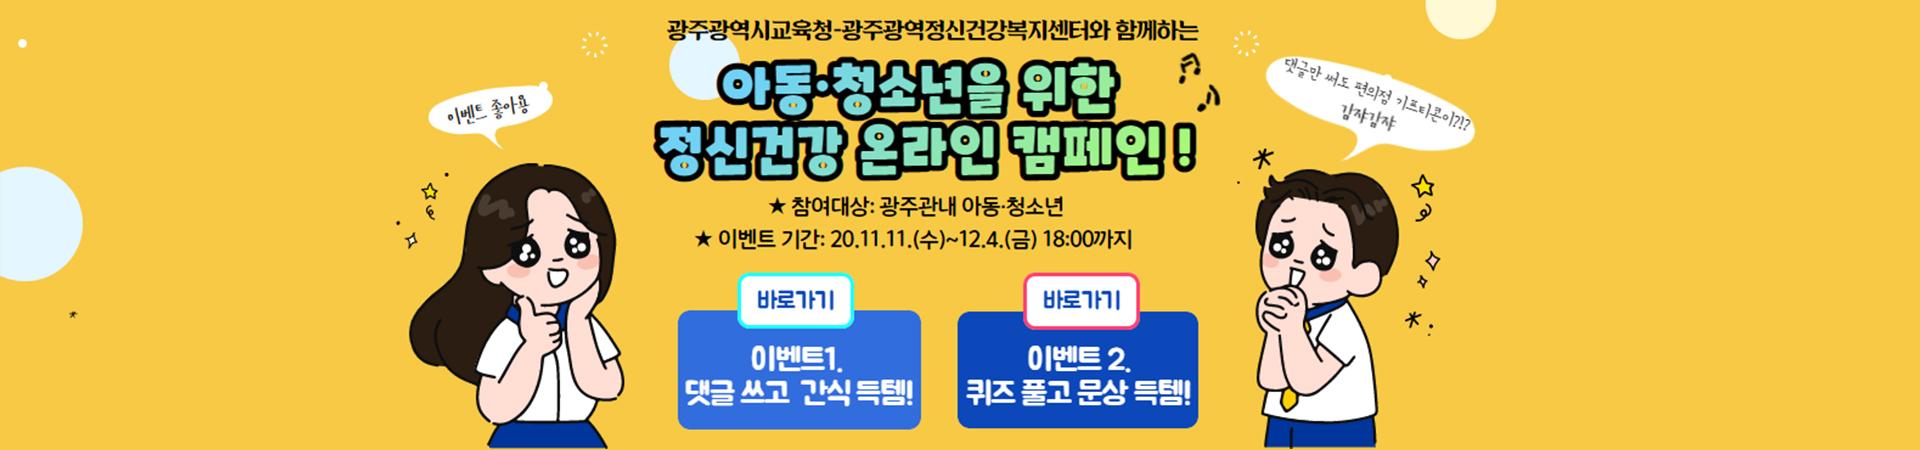 아동청소년을 위한 온라인 이벤트